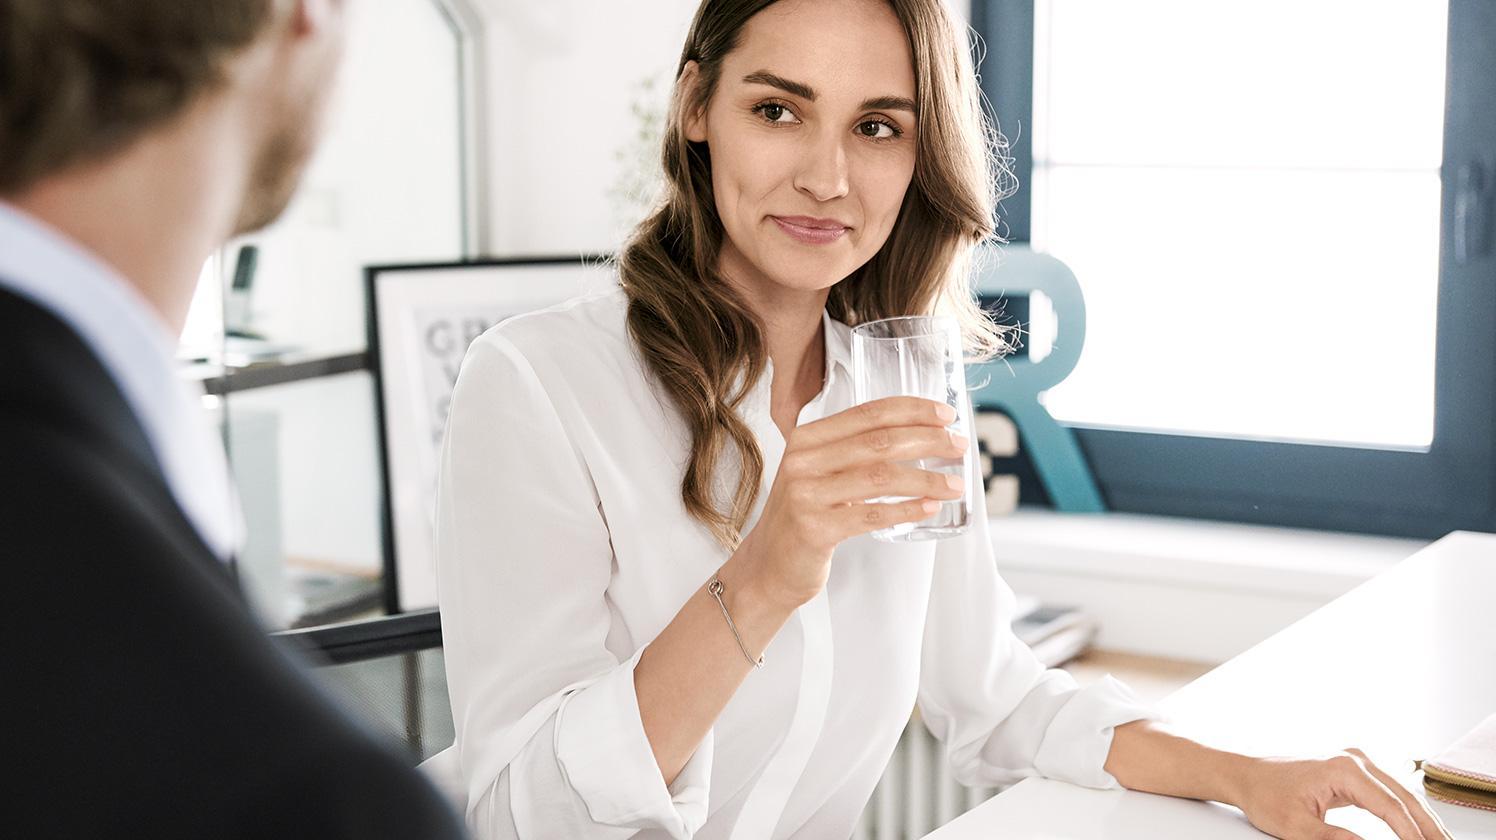 BRITA Wasserspender Erfrischung bei Arbeit